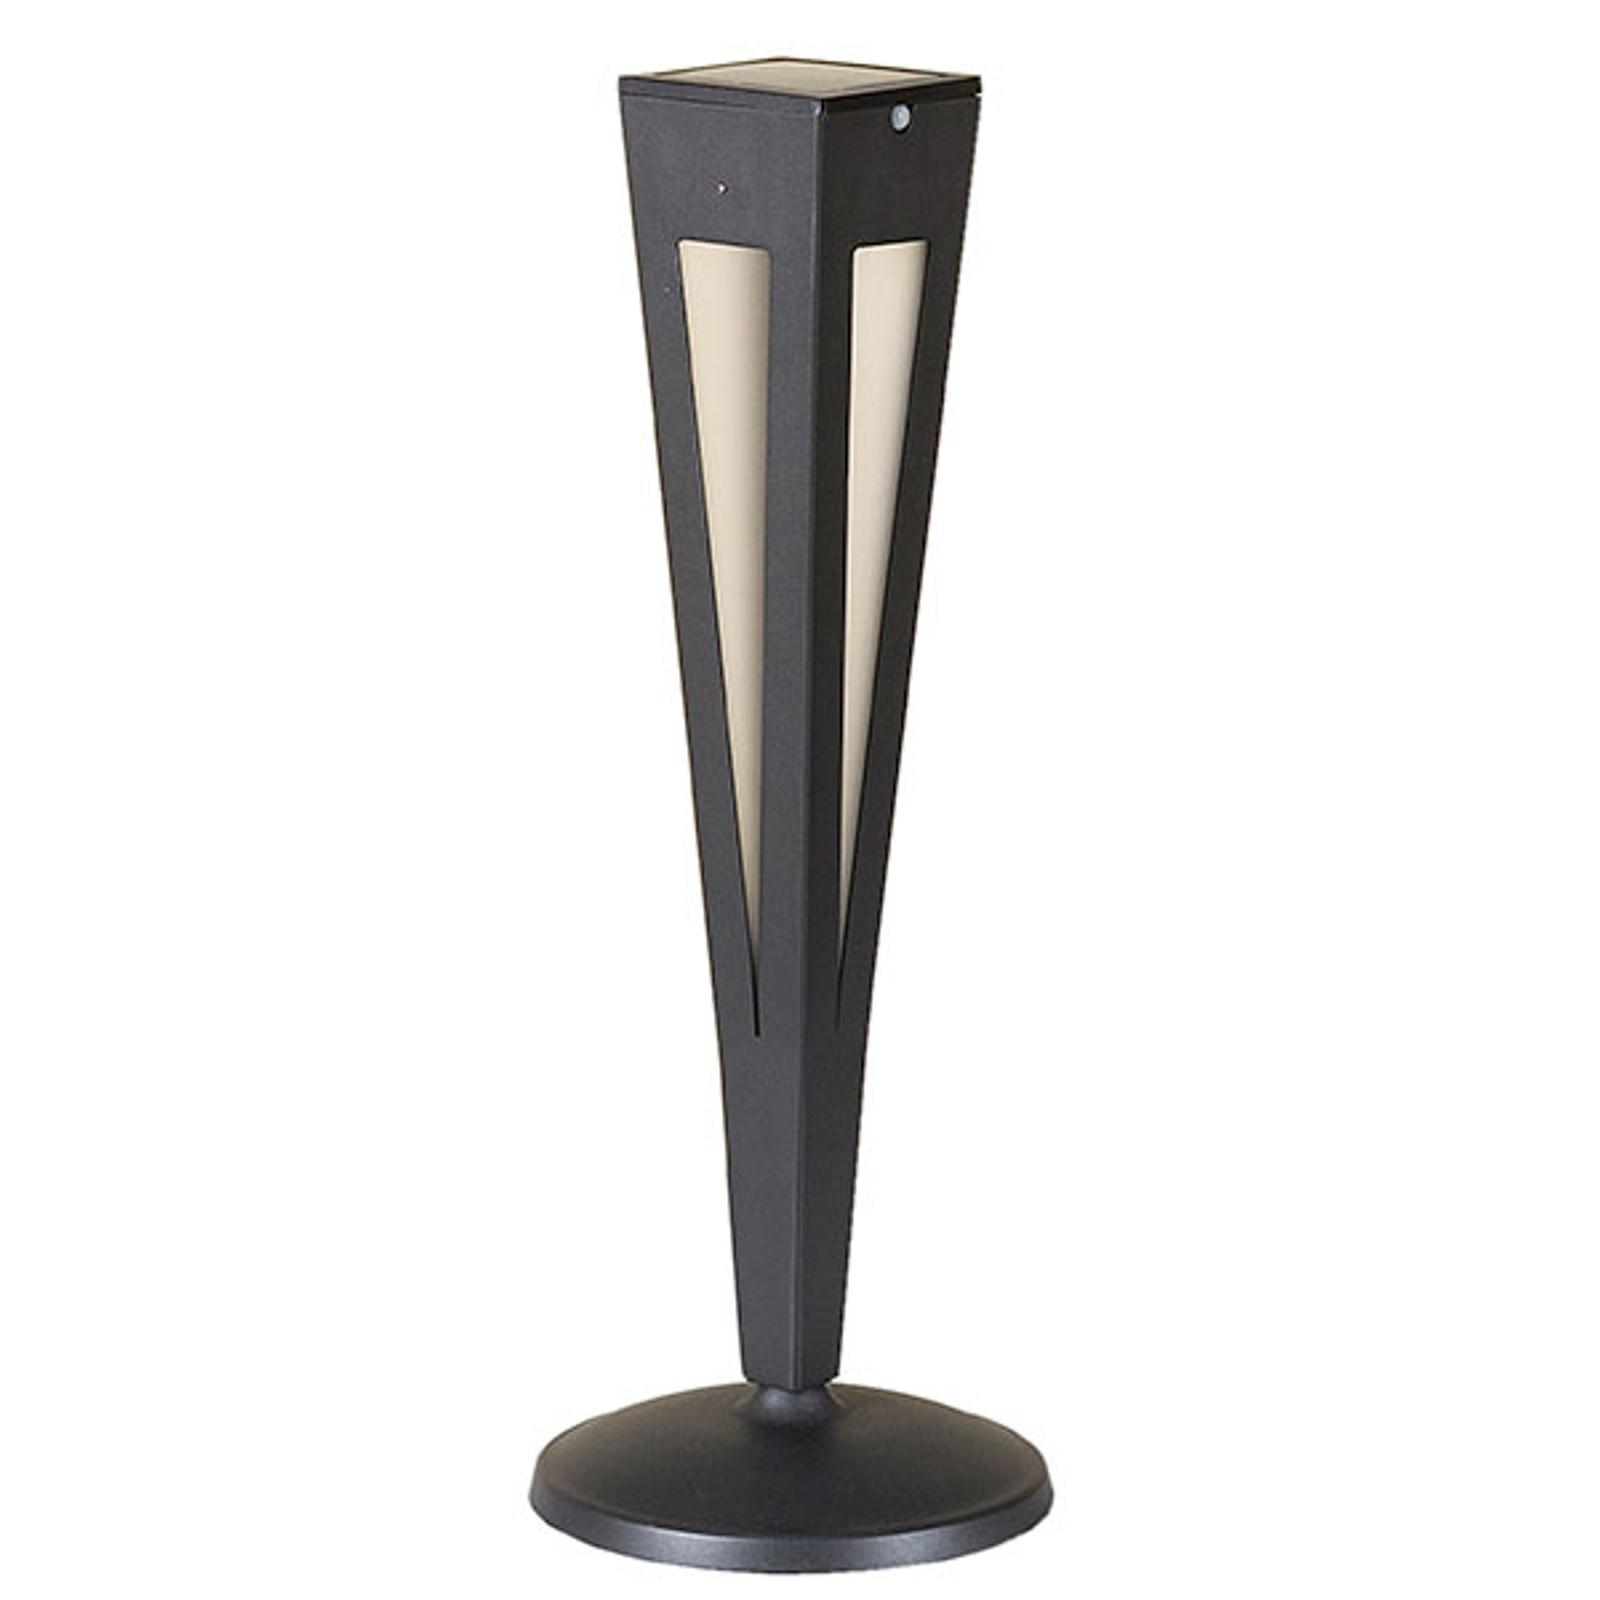 Pochodnia solarna LED Tinka, czujnik 62 cm, szara